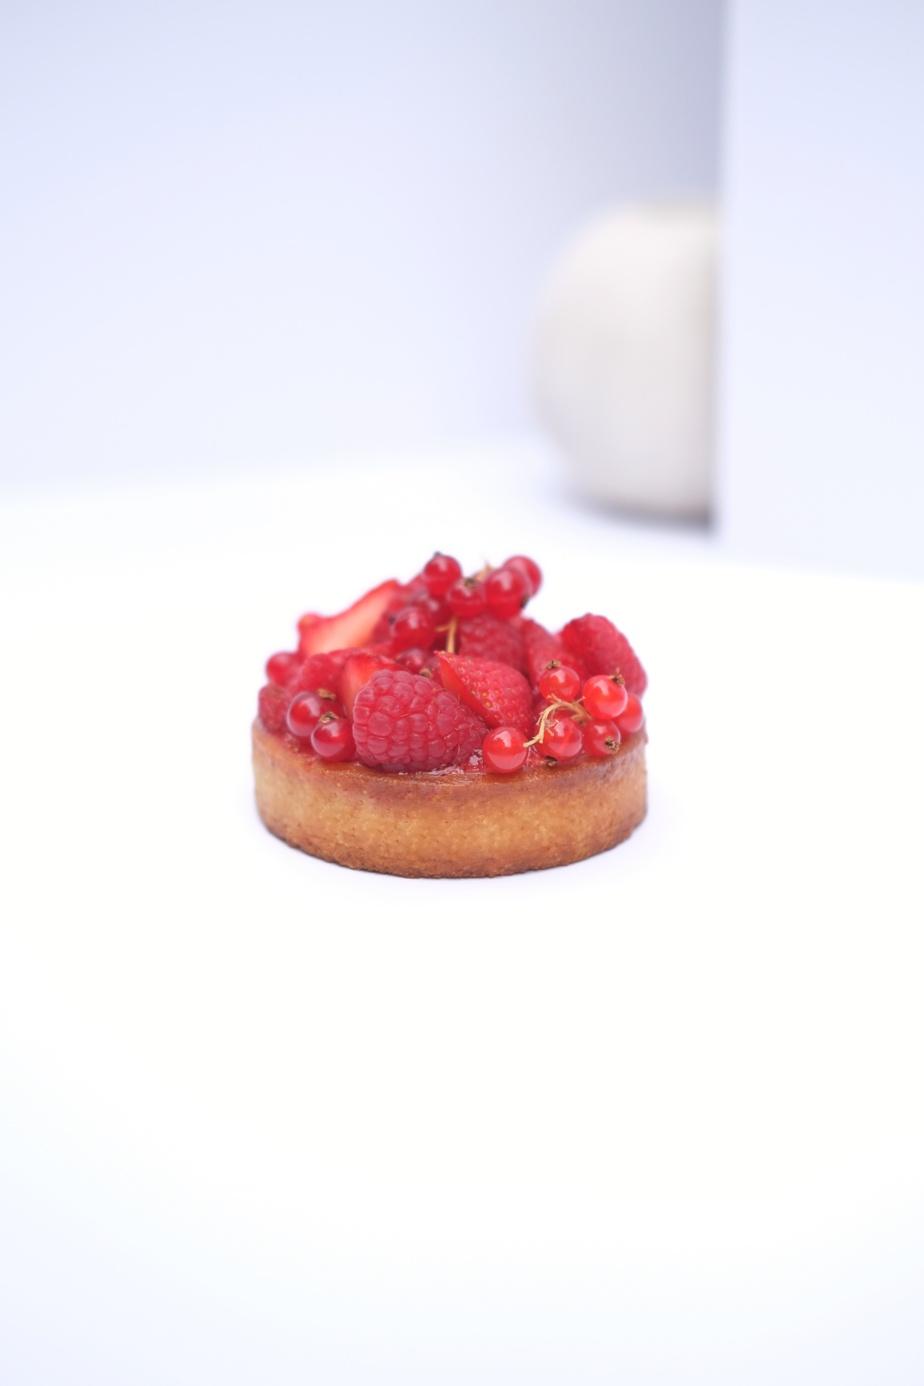 Fruits rouges et pistache: pâte sucrée, crème de pistache, chantilly pistache, confit de fruits rouges, fruits rouges frais.